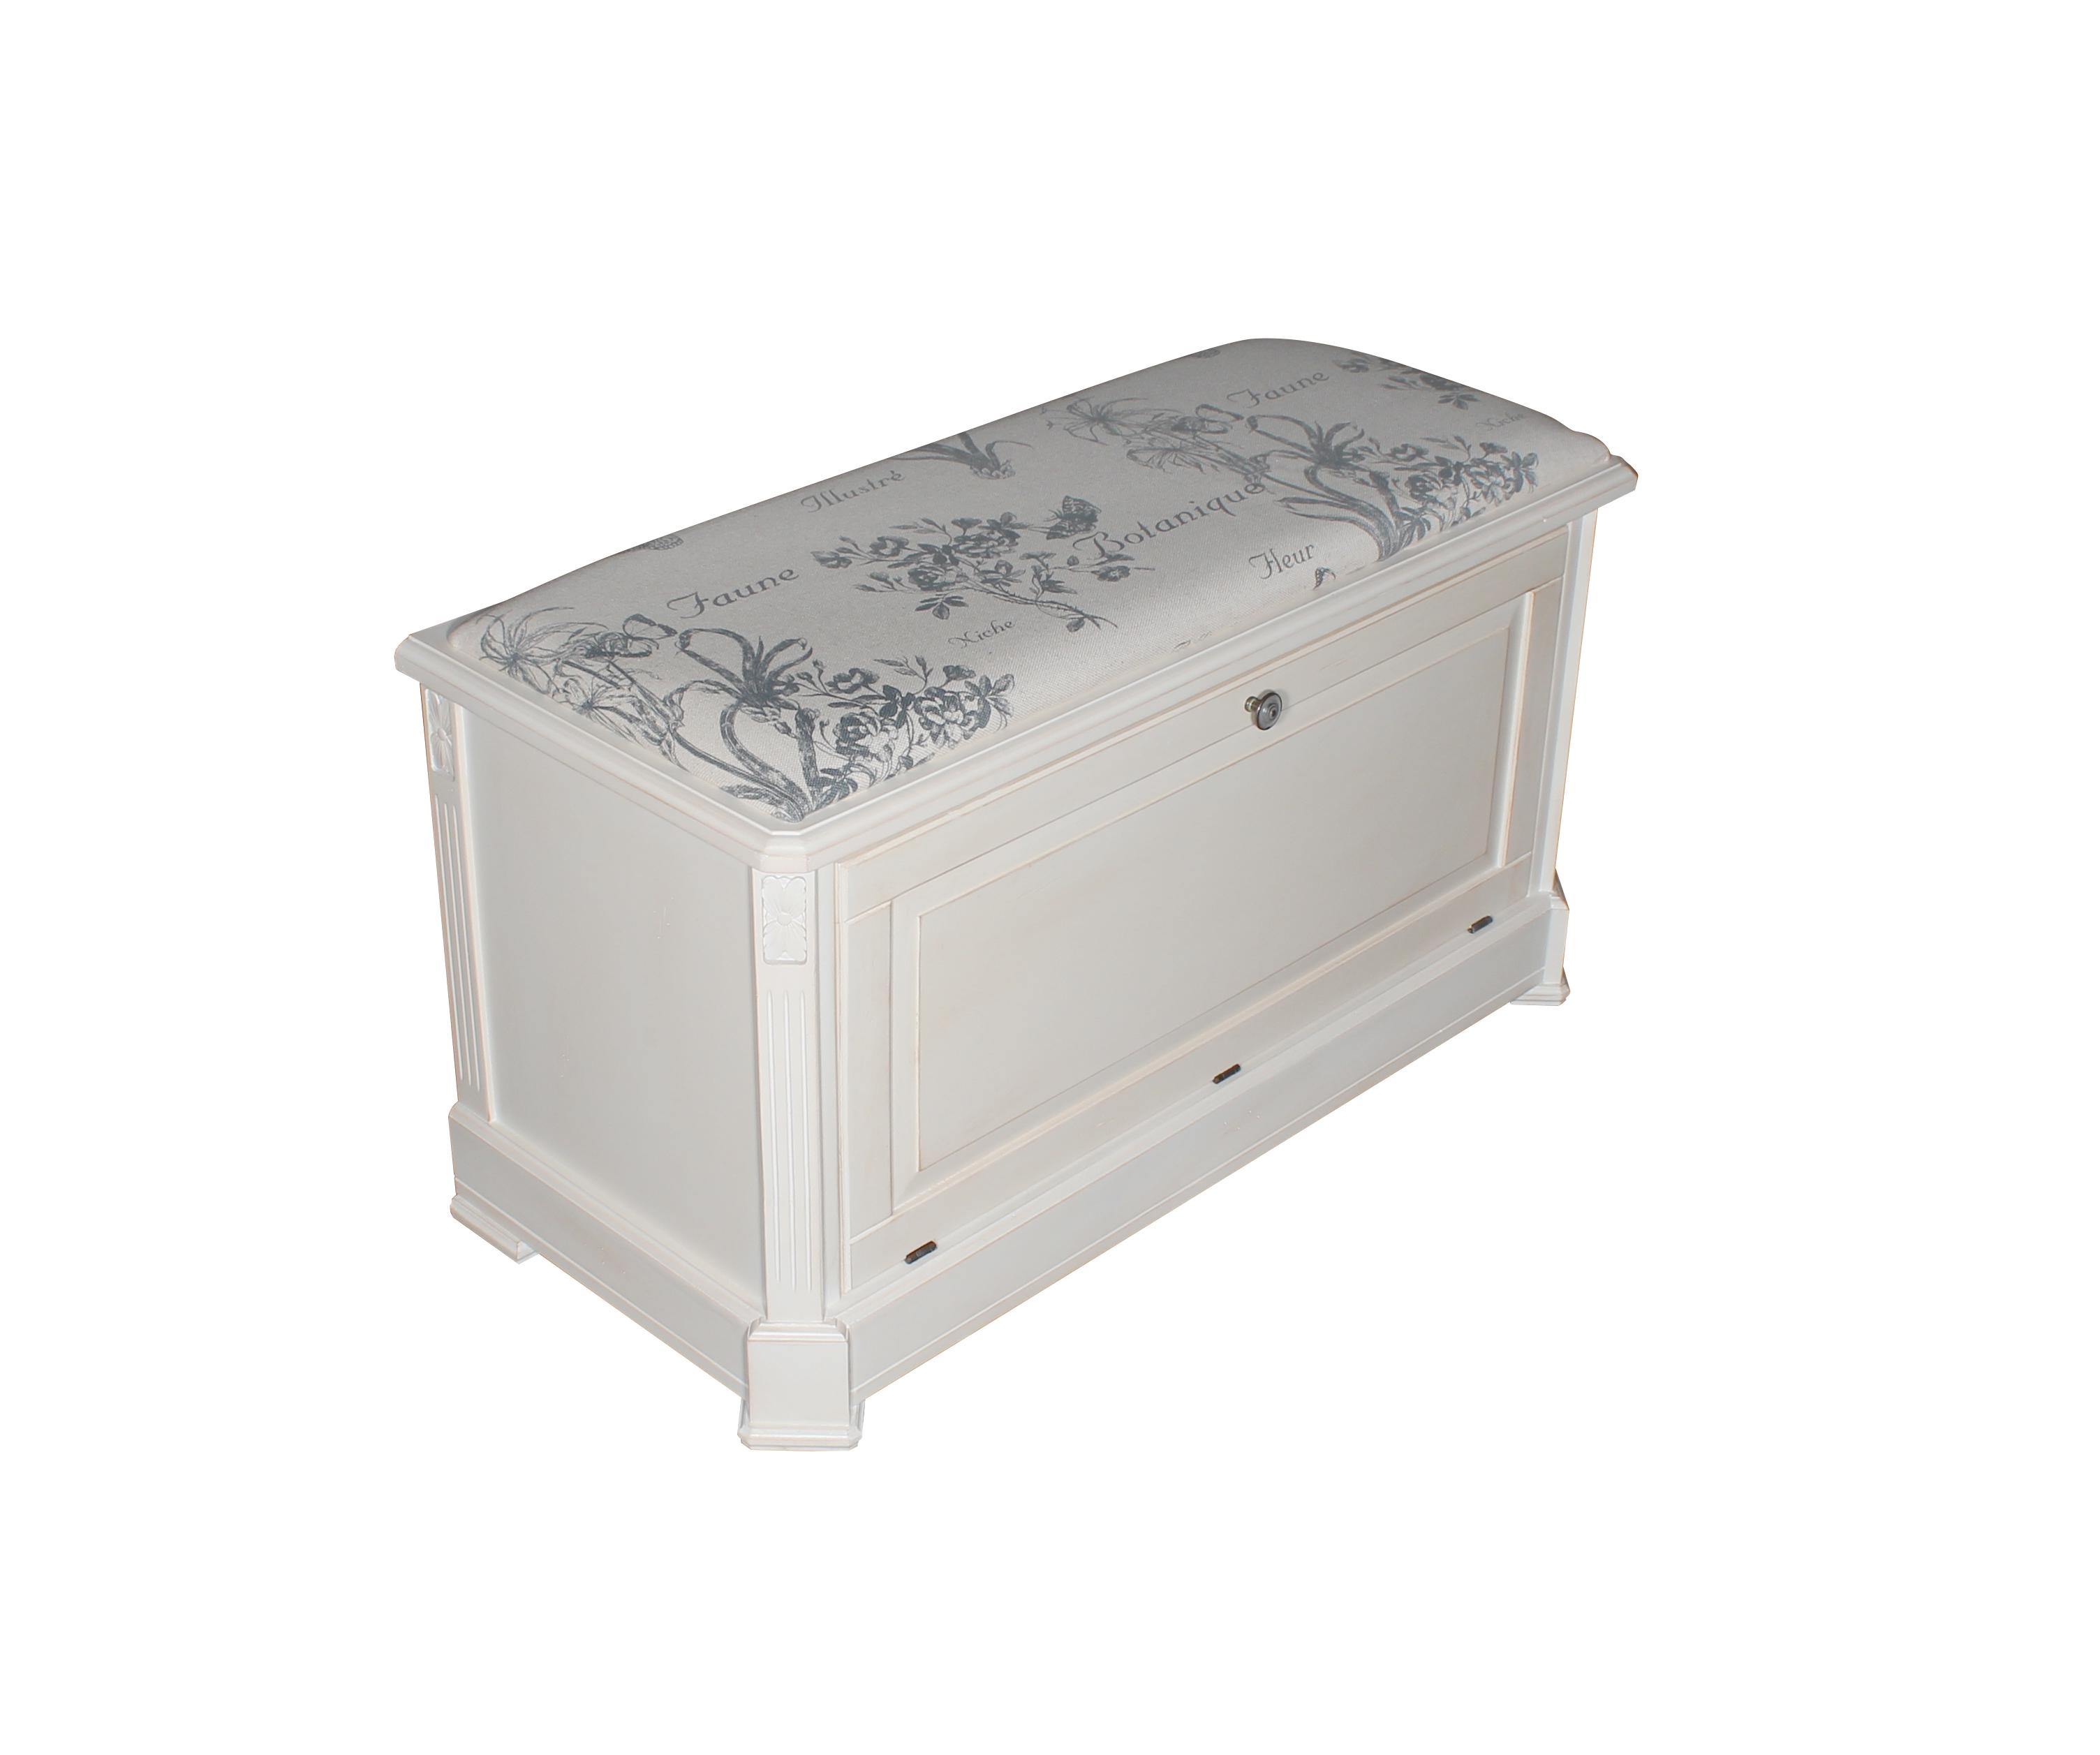 Банкетка с ящиком для хранения st9393.